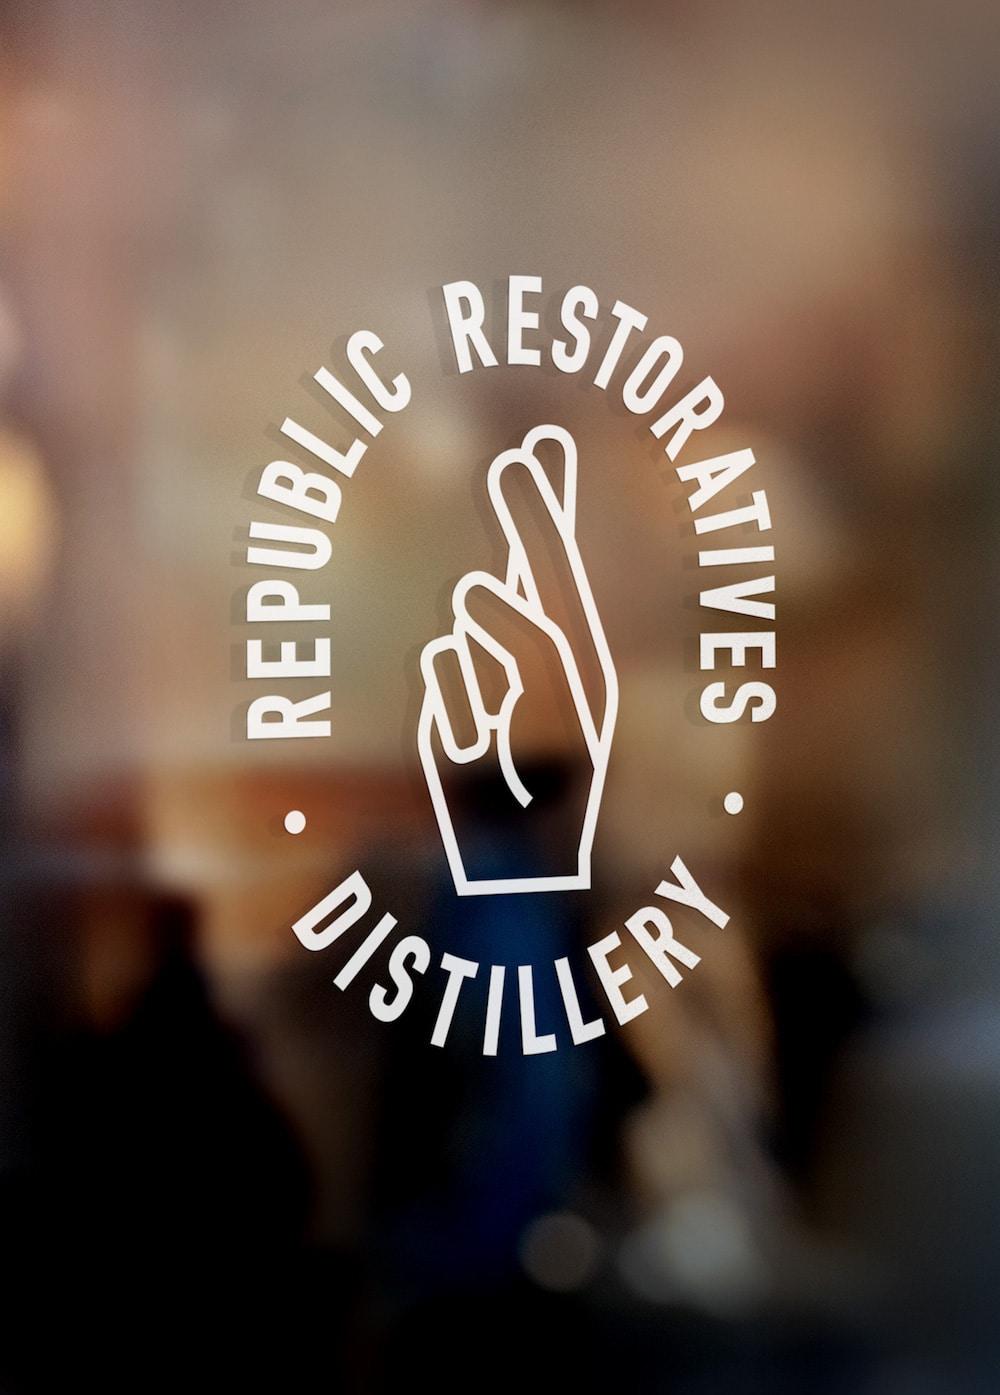 Republic Restoratives Logo mit überkreuzten Findern, die Glück wünschen mit schlichter Typografie